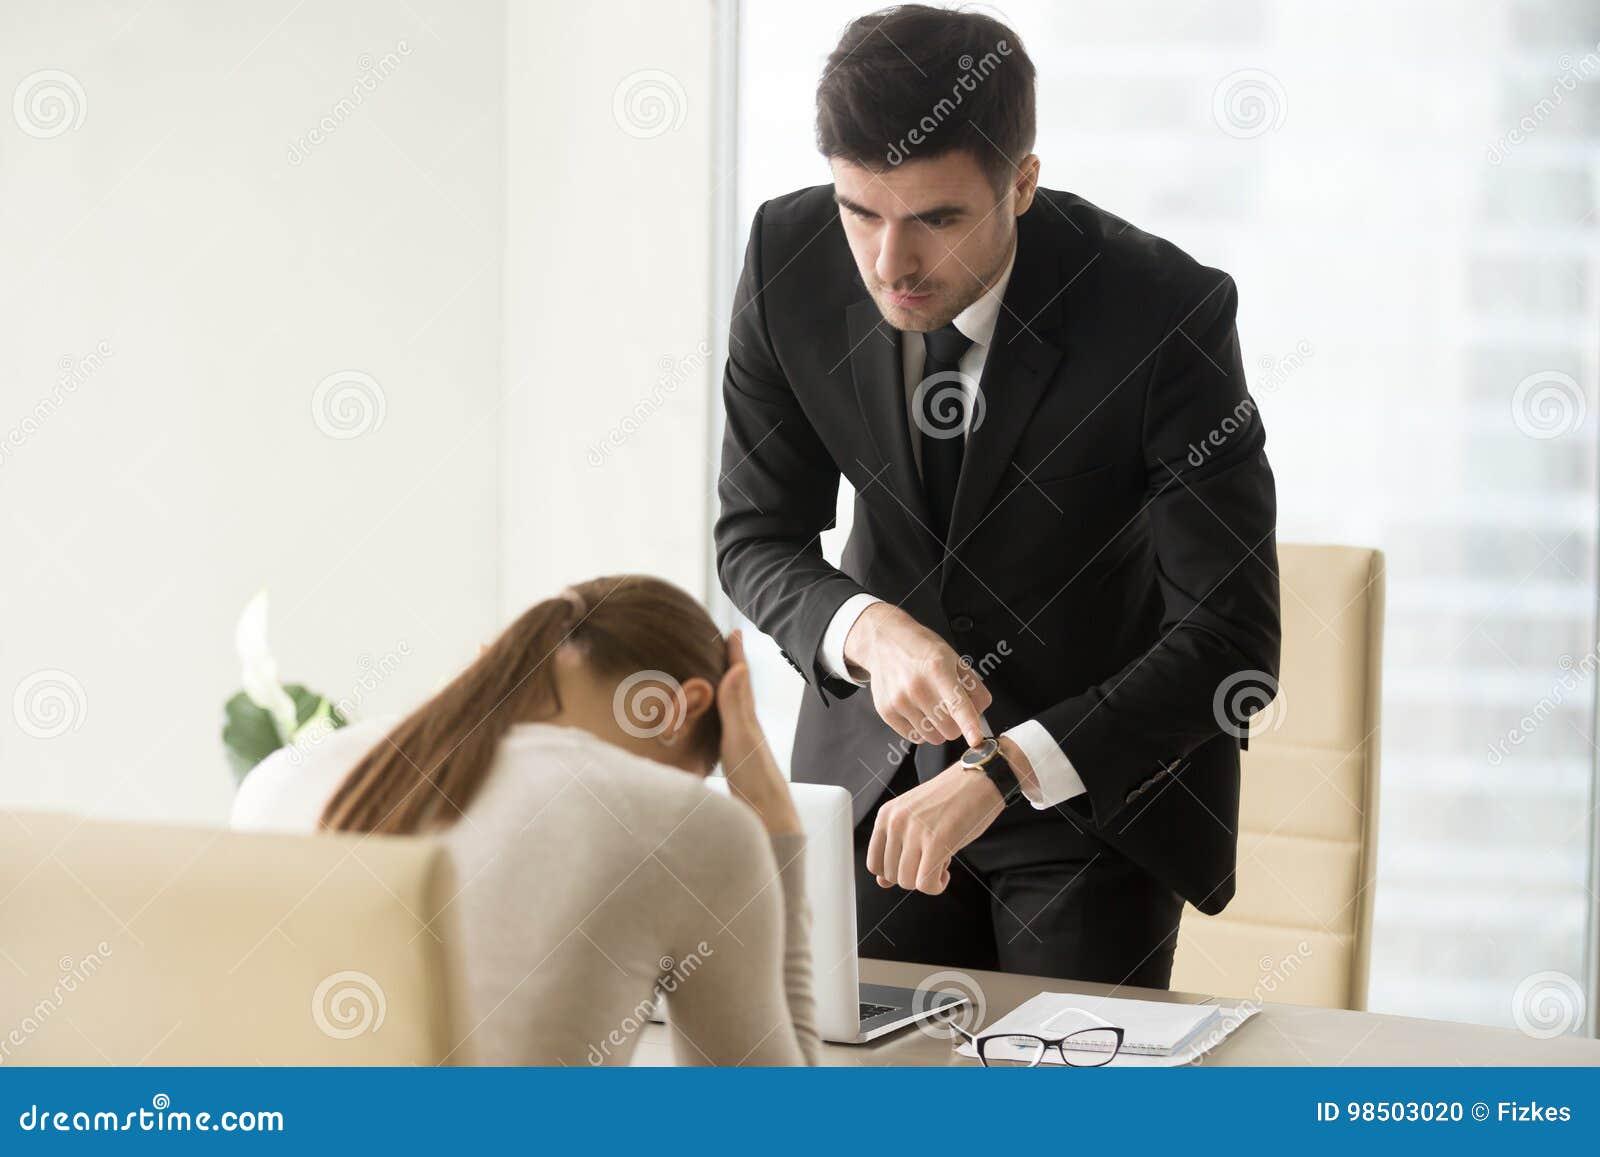 Γυναίκα που επιπλήττεται από τον προϊστάμενο για τη λειμμένη προθεσμία, που έρχεται αργά